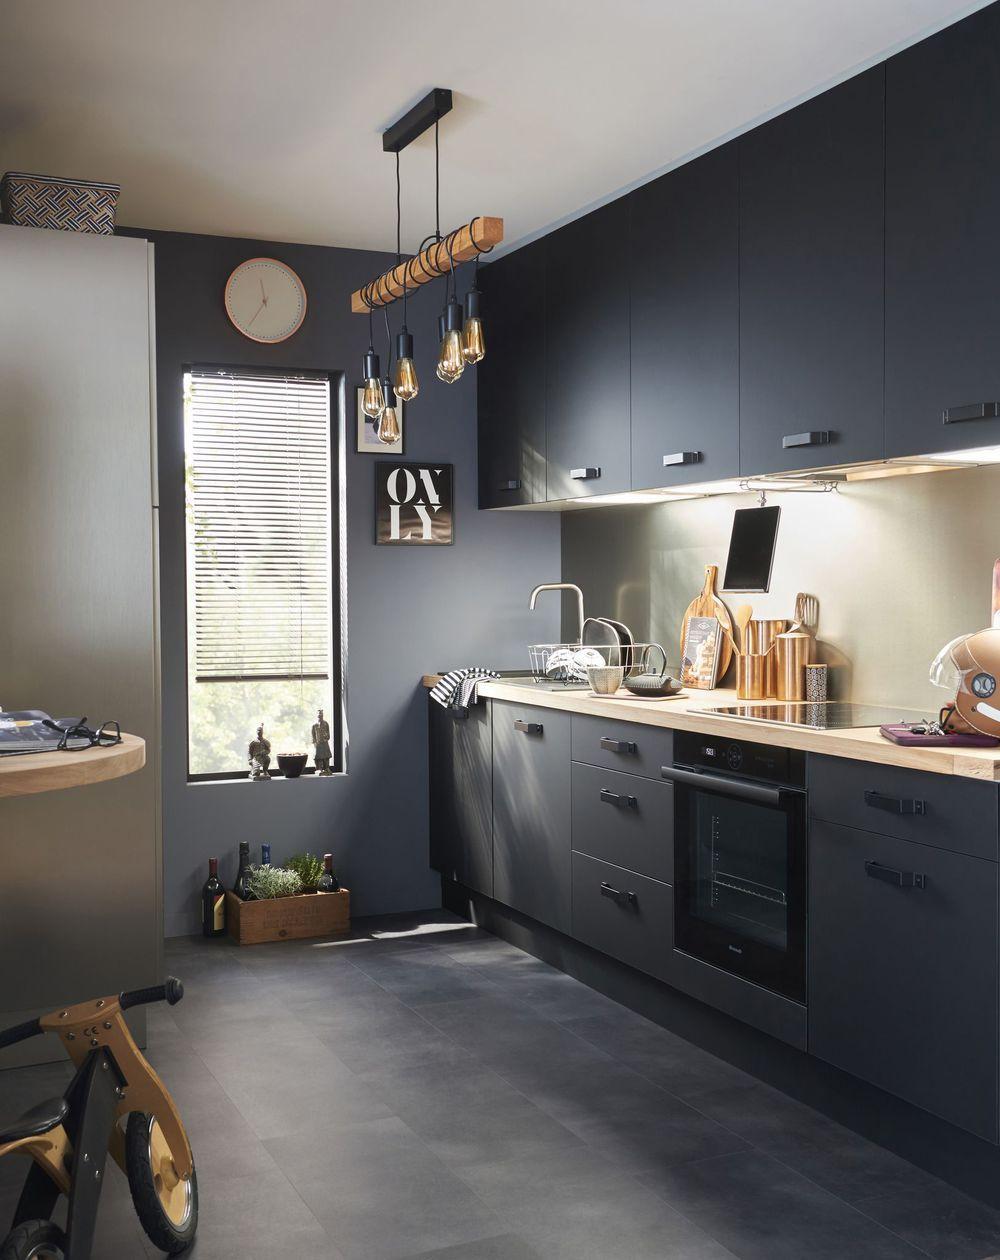 Epingle Sur Kitchen